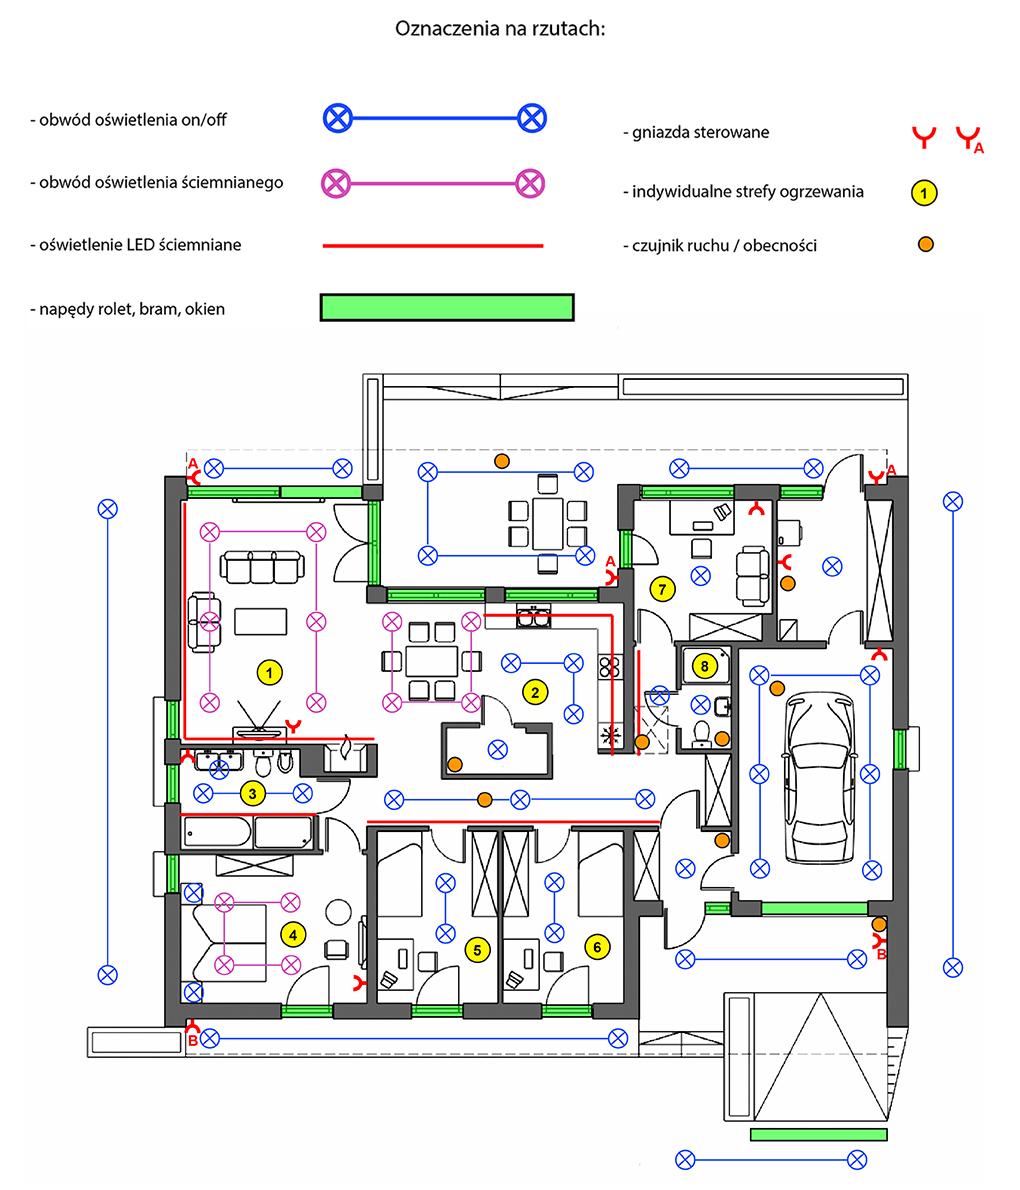 Dom na sprzedaż - Szamotuły - Plan inteligentnego domu